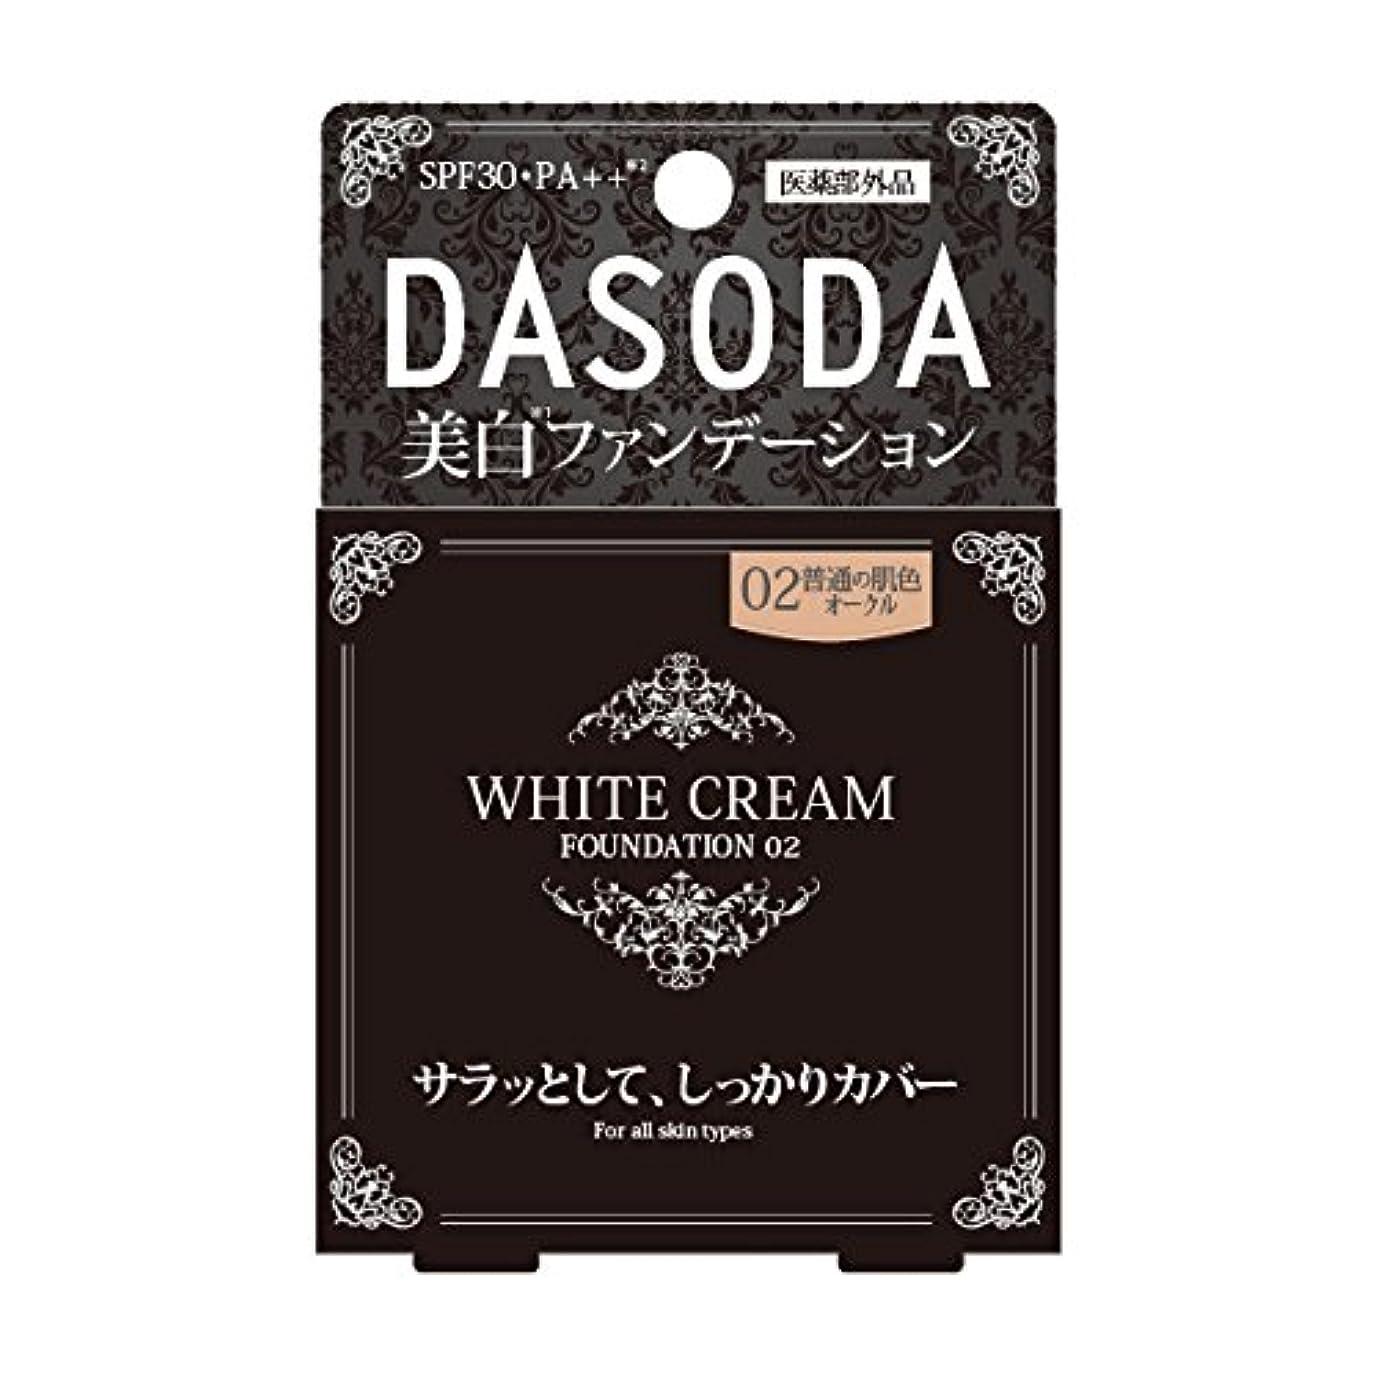 つまずくギャップ熟読するダソダ エフシー ホワイトクリームファンデーション 02 オークル 8g